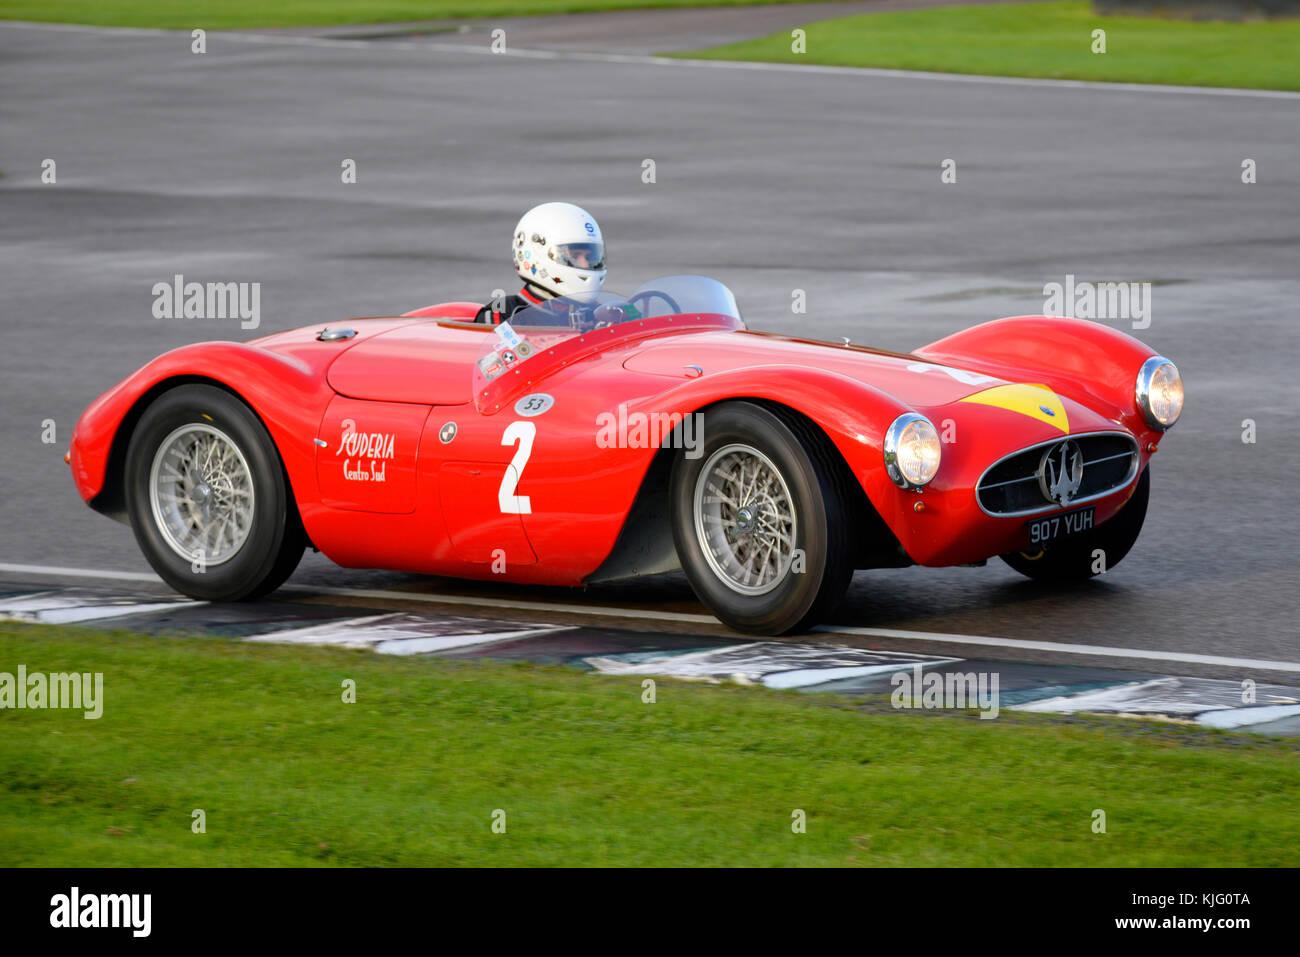 1955 Maserati A6GCS im Besitz und unter der Leitung von Manuel Elicabe racing in Goodwood Revival 2017 angetrieben. Stockbild